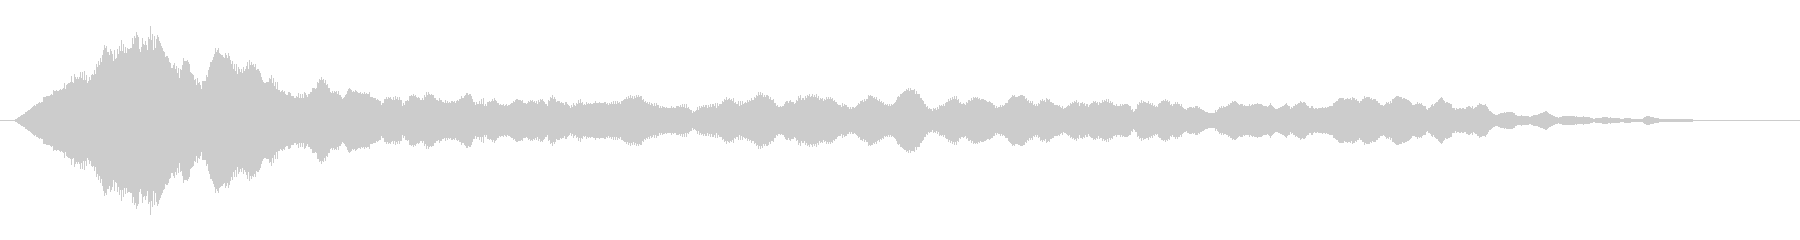 素材 ガラガラピアノドローン04の未再生の波形